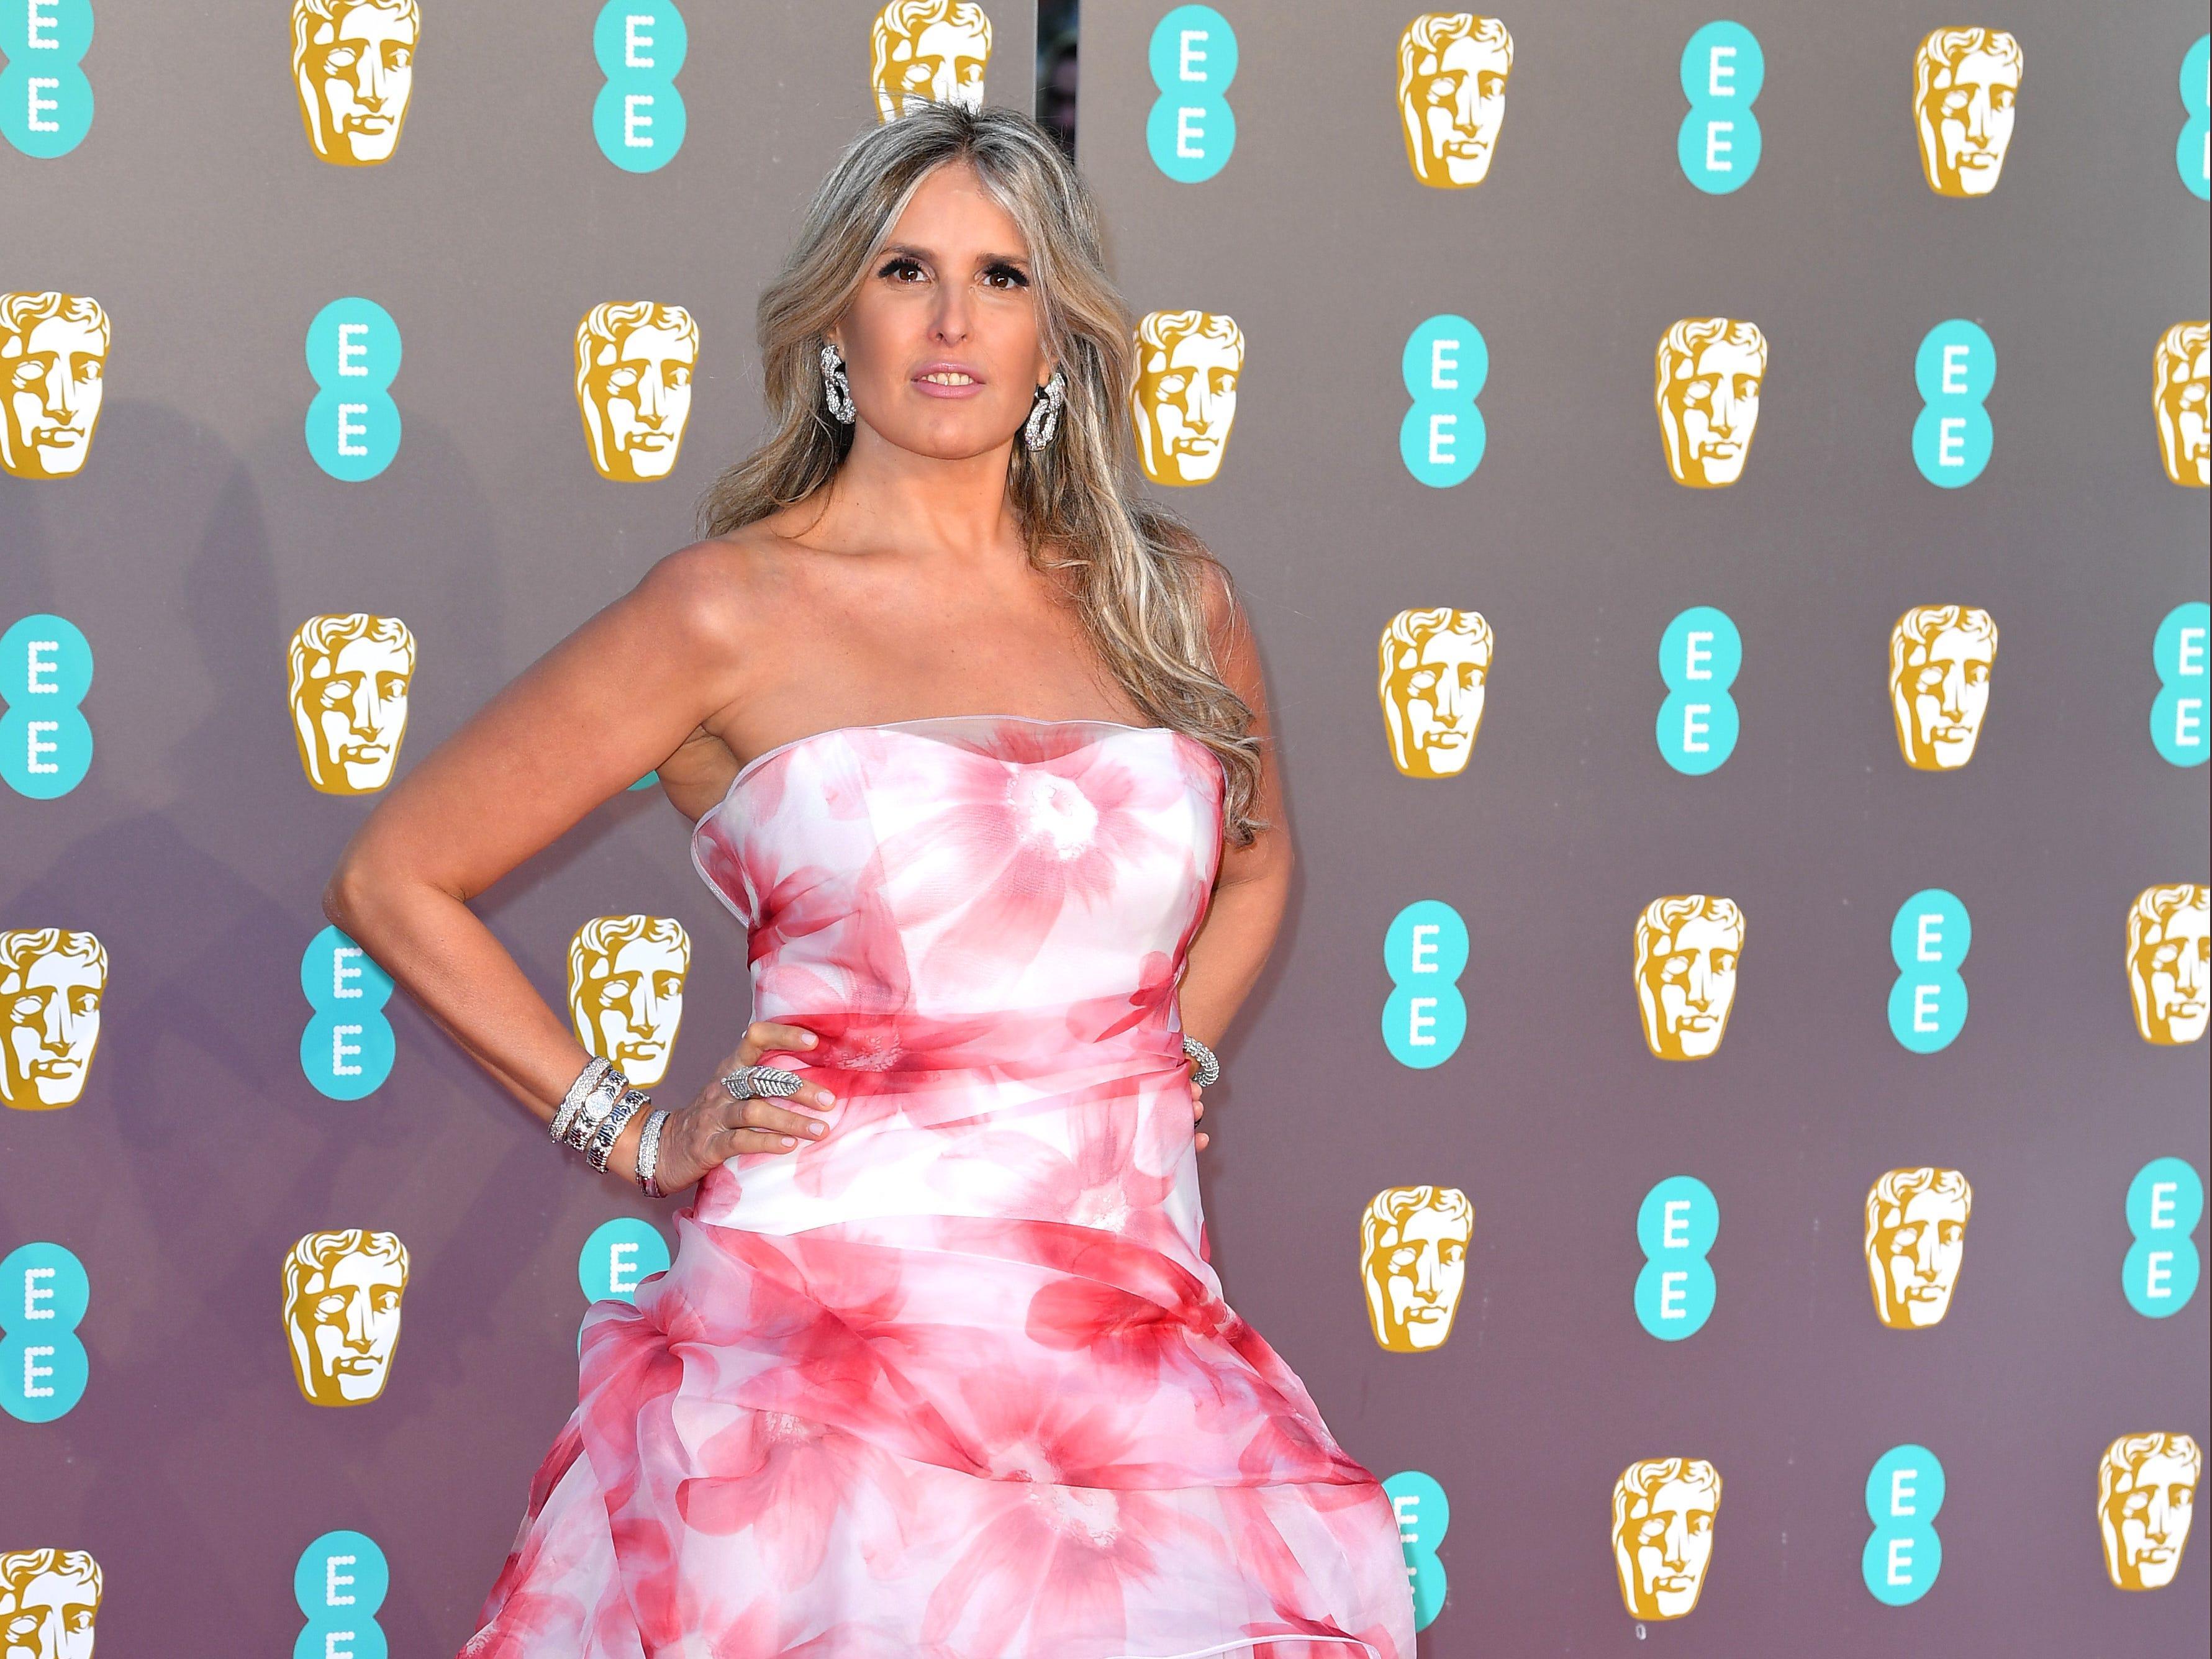 Tiziana Rocca a su llegada a la alfombra roja de los Premios de la Academia Británica de Cine BAFTA en el Royal Albert Hall en Londres el 10 de febrero de 2019.